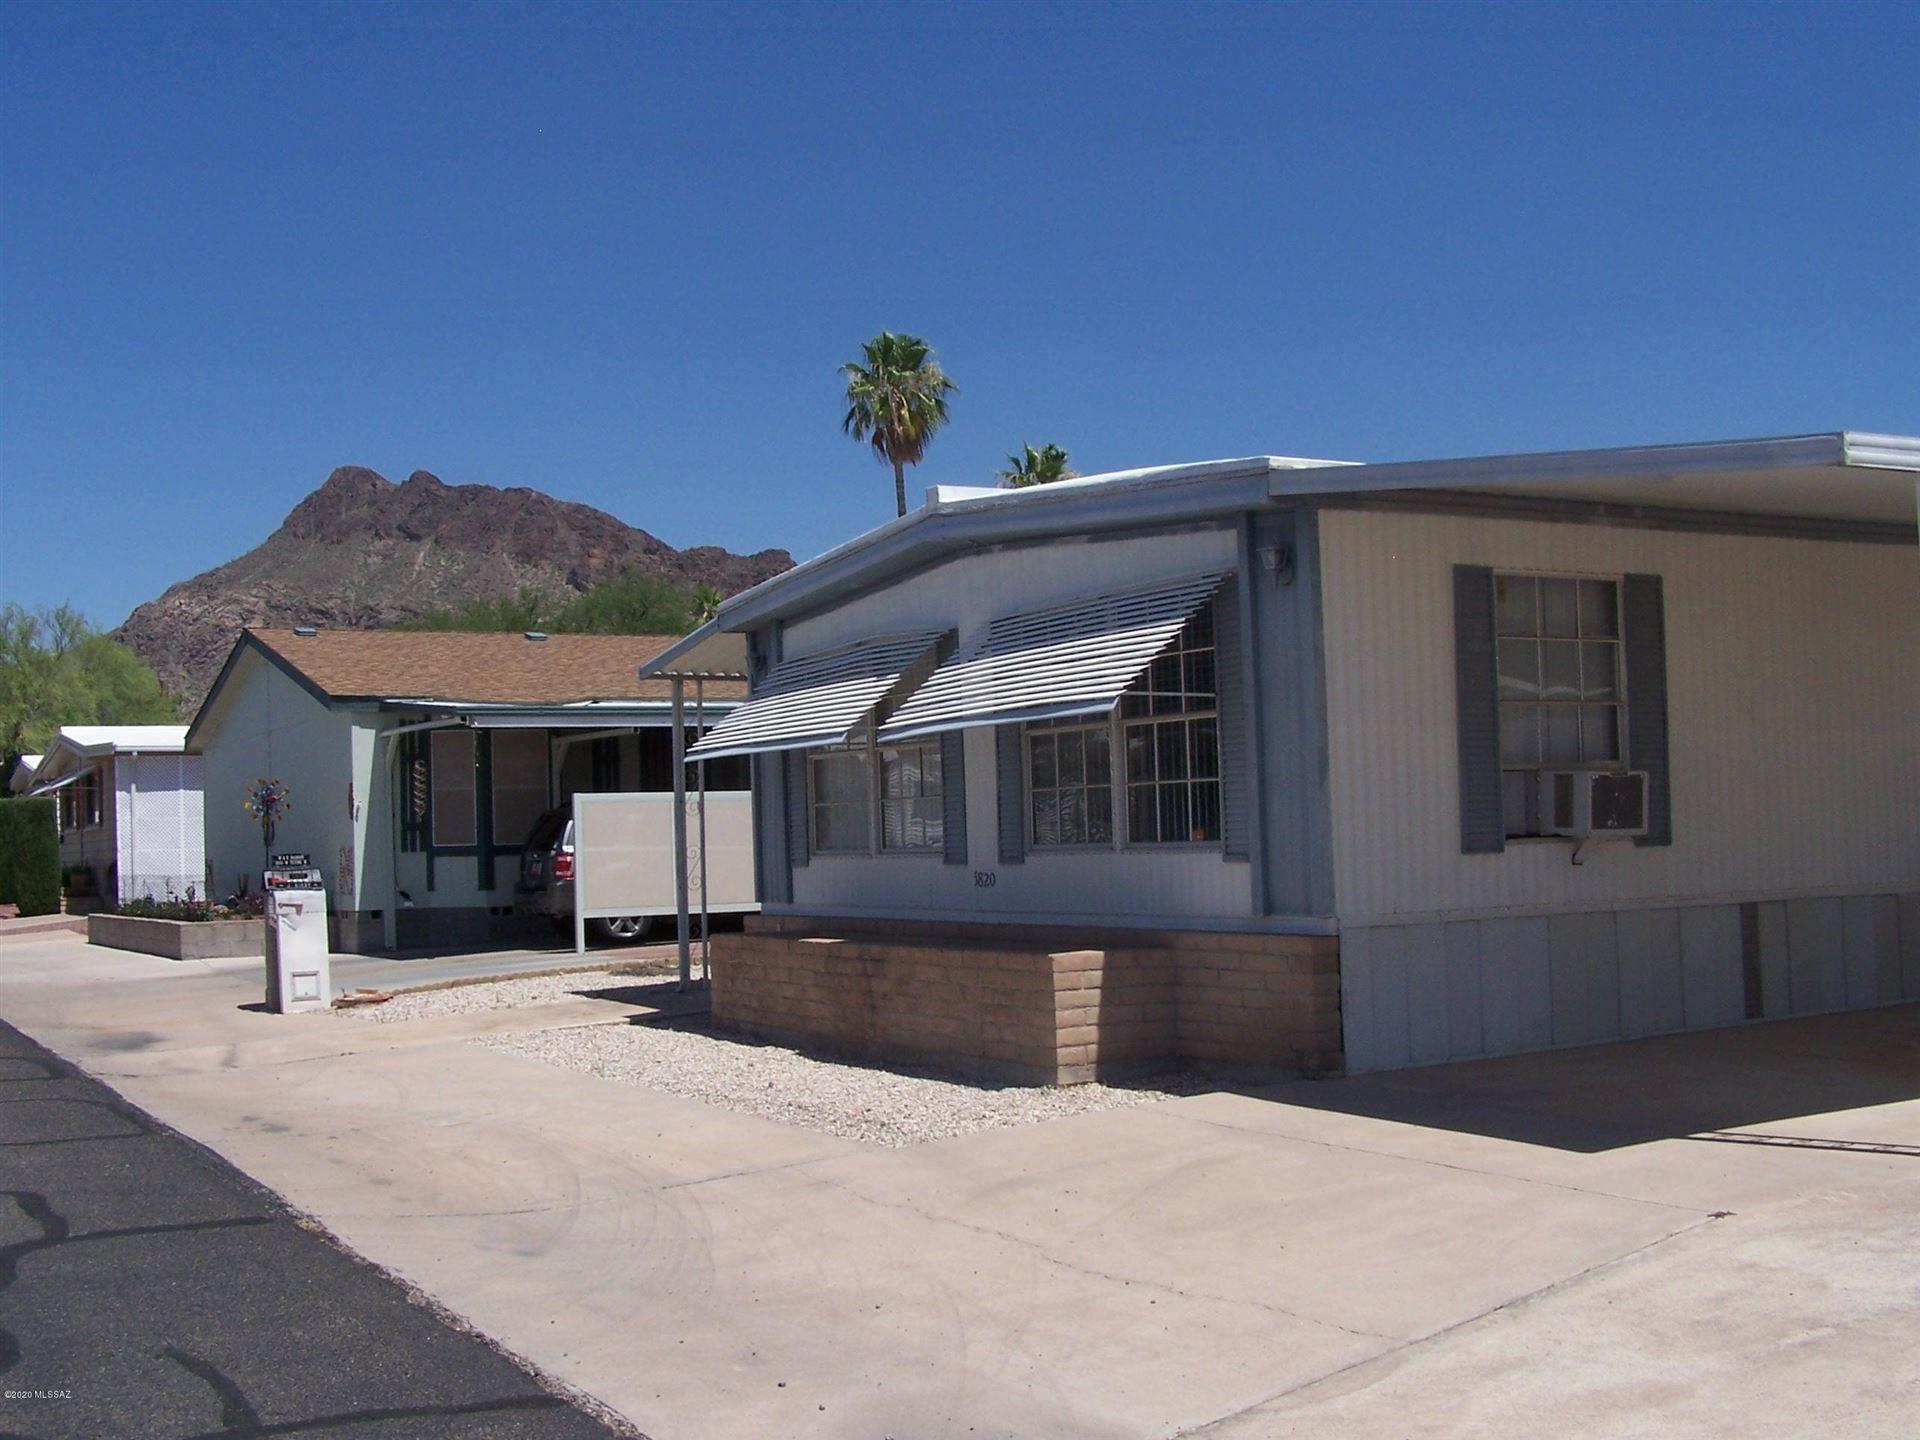 5820 W Flying W Street, Tucson, AZ 85713 - #: 22013867